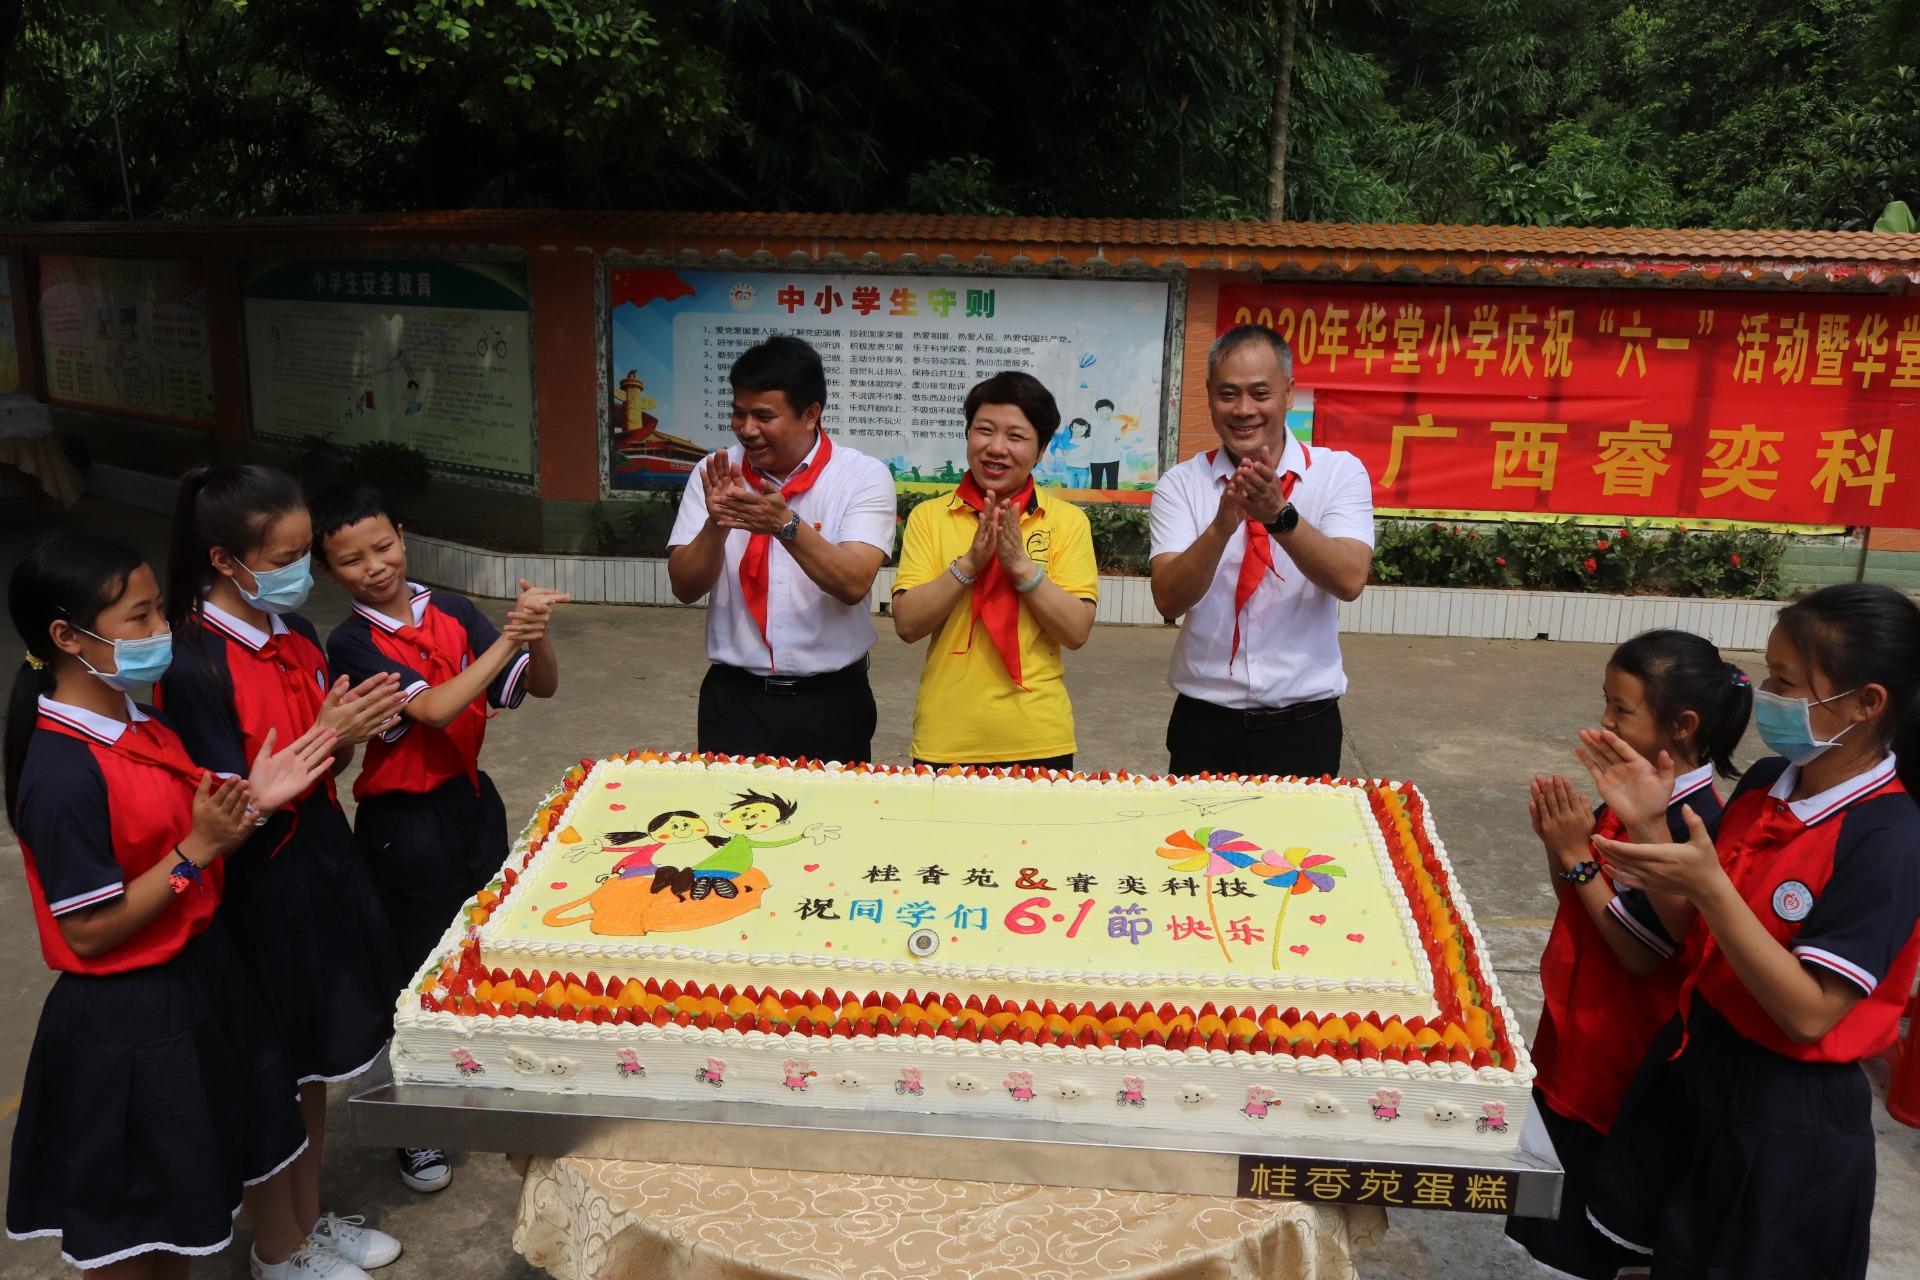 2020.5.29睿奕集团与高新区领导为华堂小学师生提前送去节日的问候和祝福